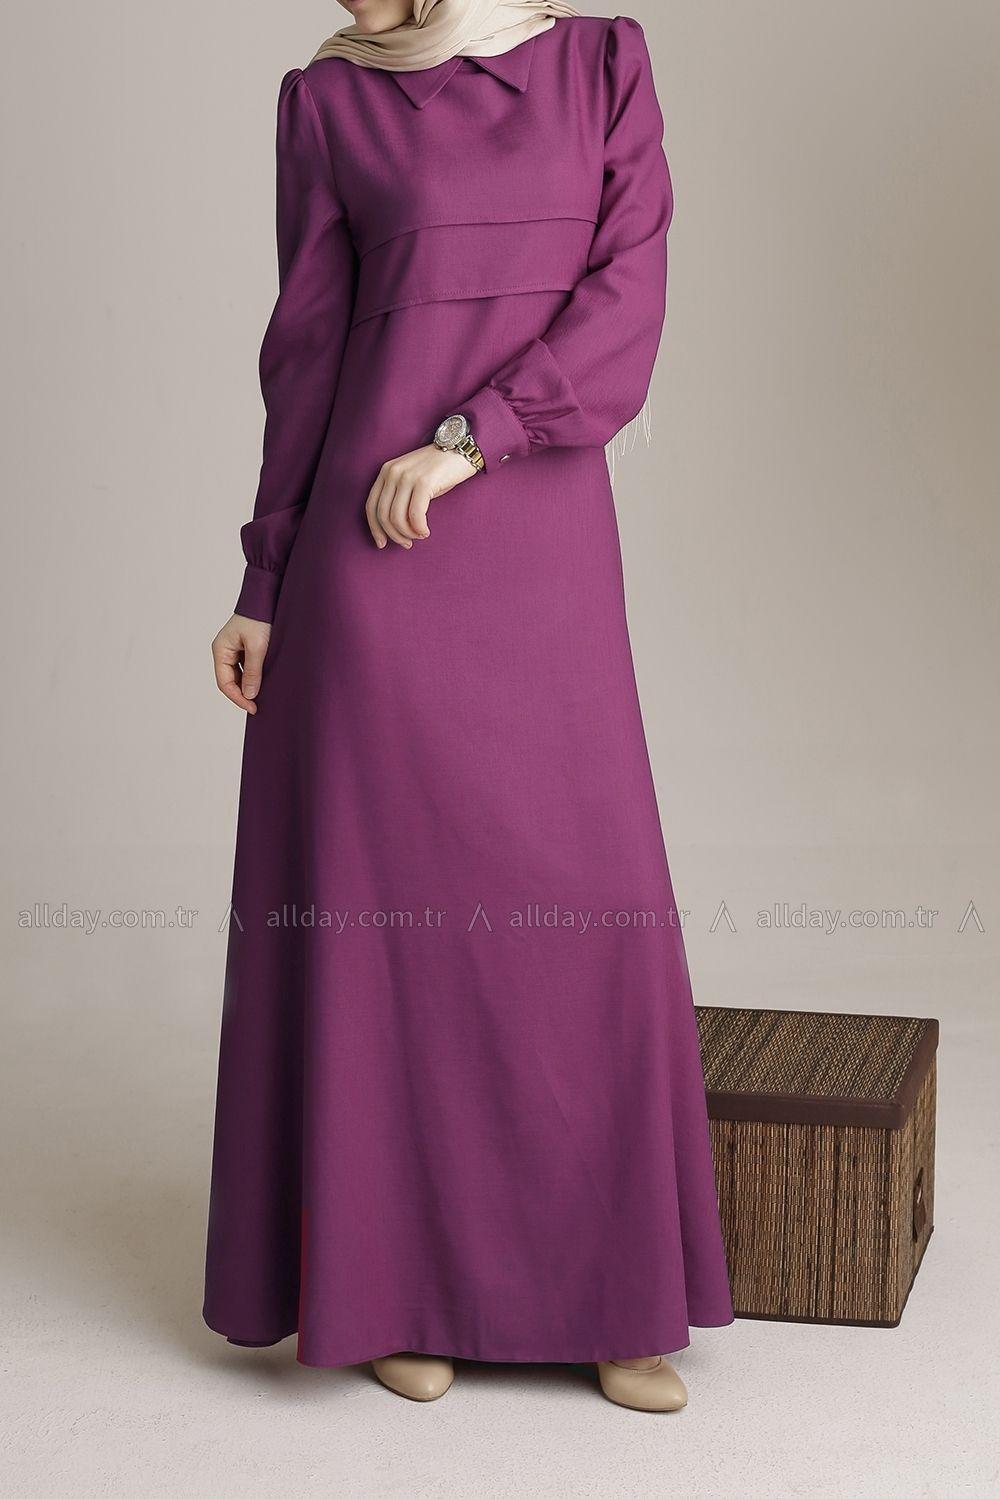 Allday Murdum Elbise 090 1279 Modelini Incelemek Icin Lutfen Sayfamizi Ziyaret Ediniz Elbise Elbise Modelleri Islami Giyim